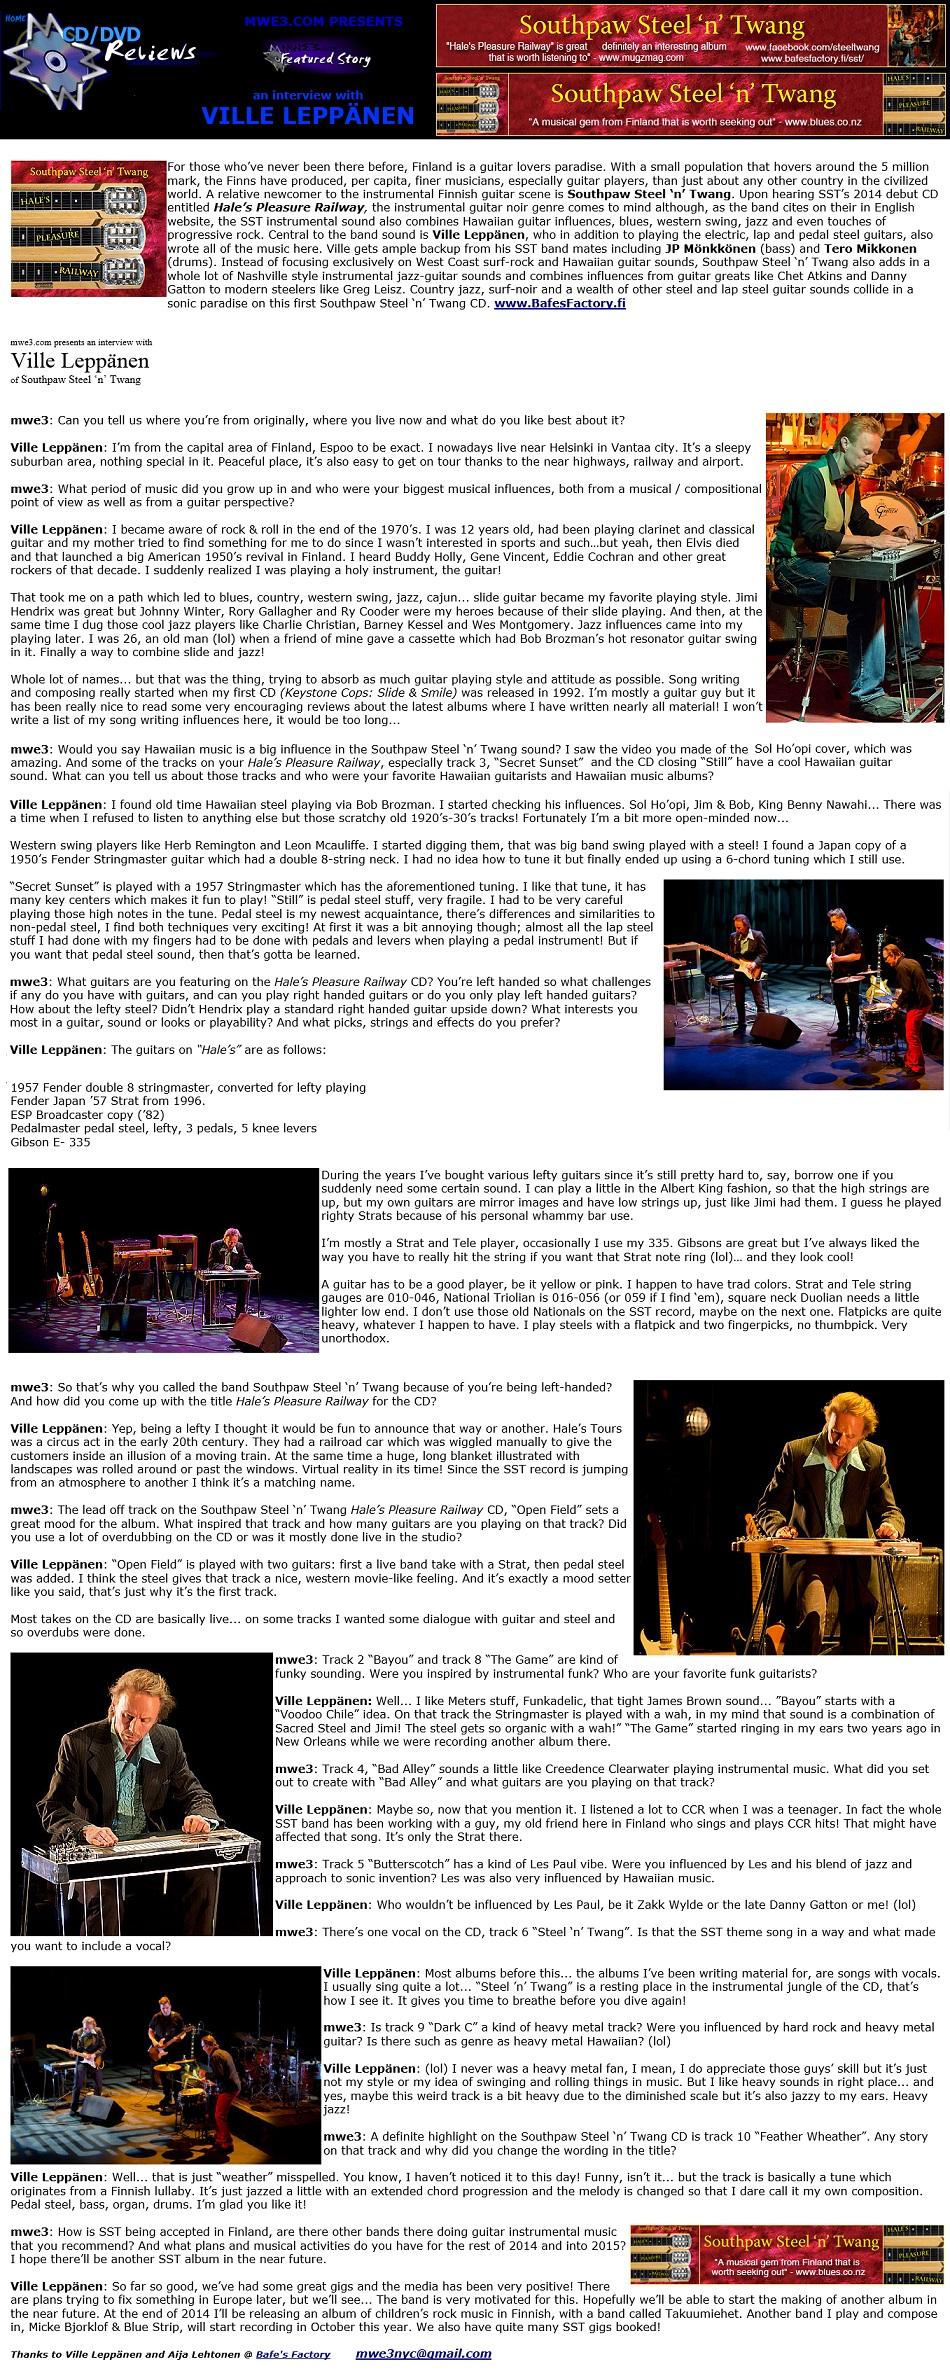 mwe3.com (USA) June 2014